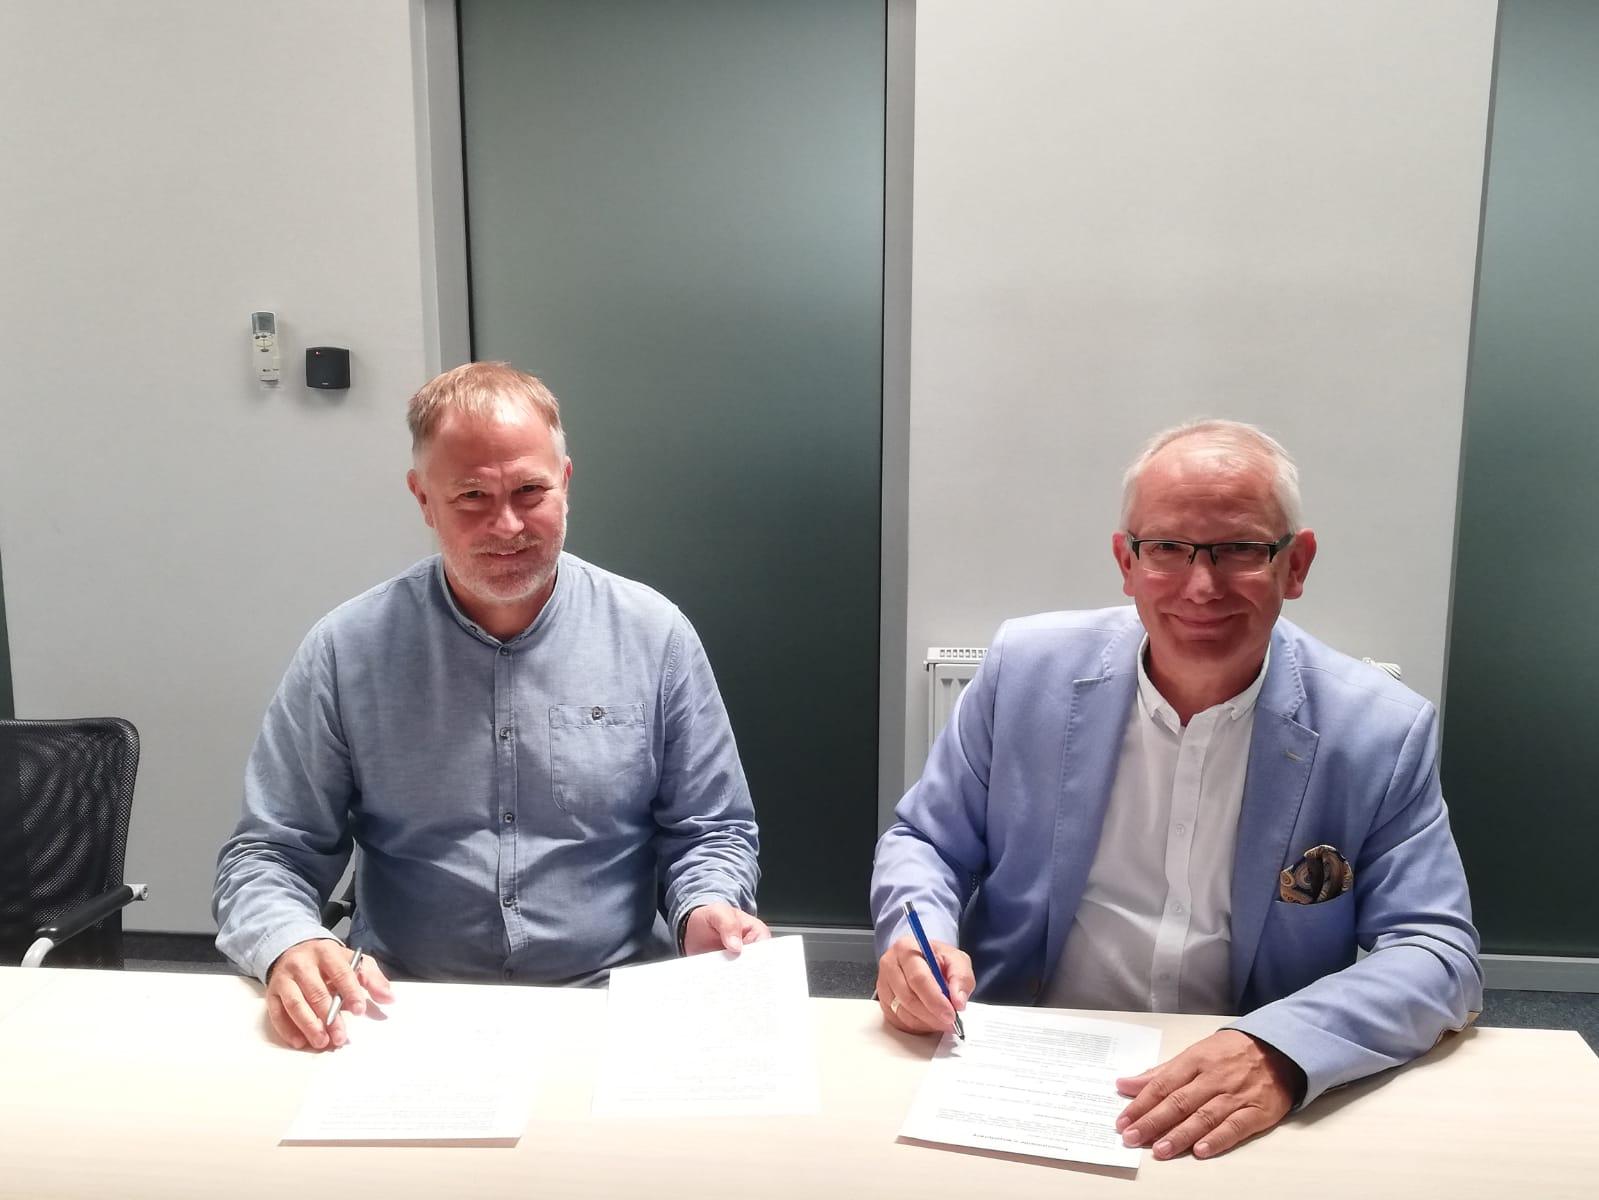 Umowa o współpracy Etisoft Smart Solutions - Politechnika Śląska